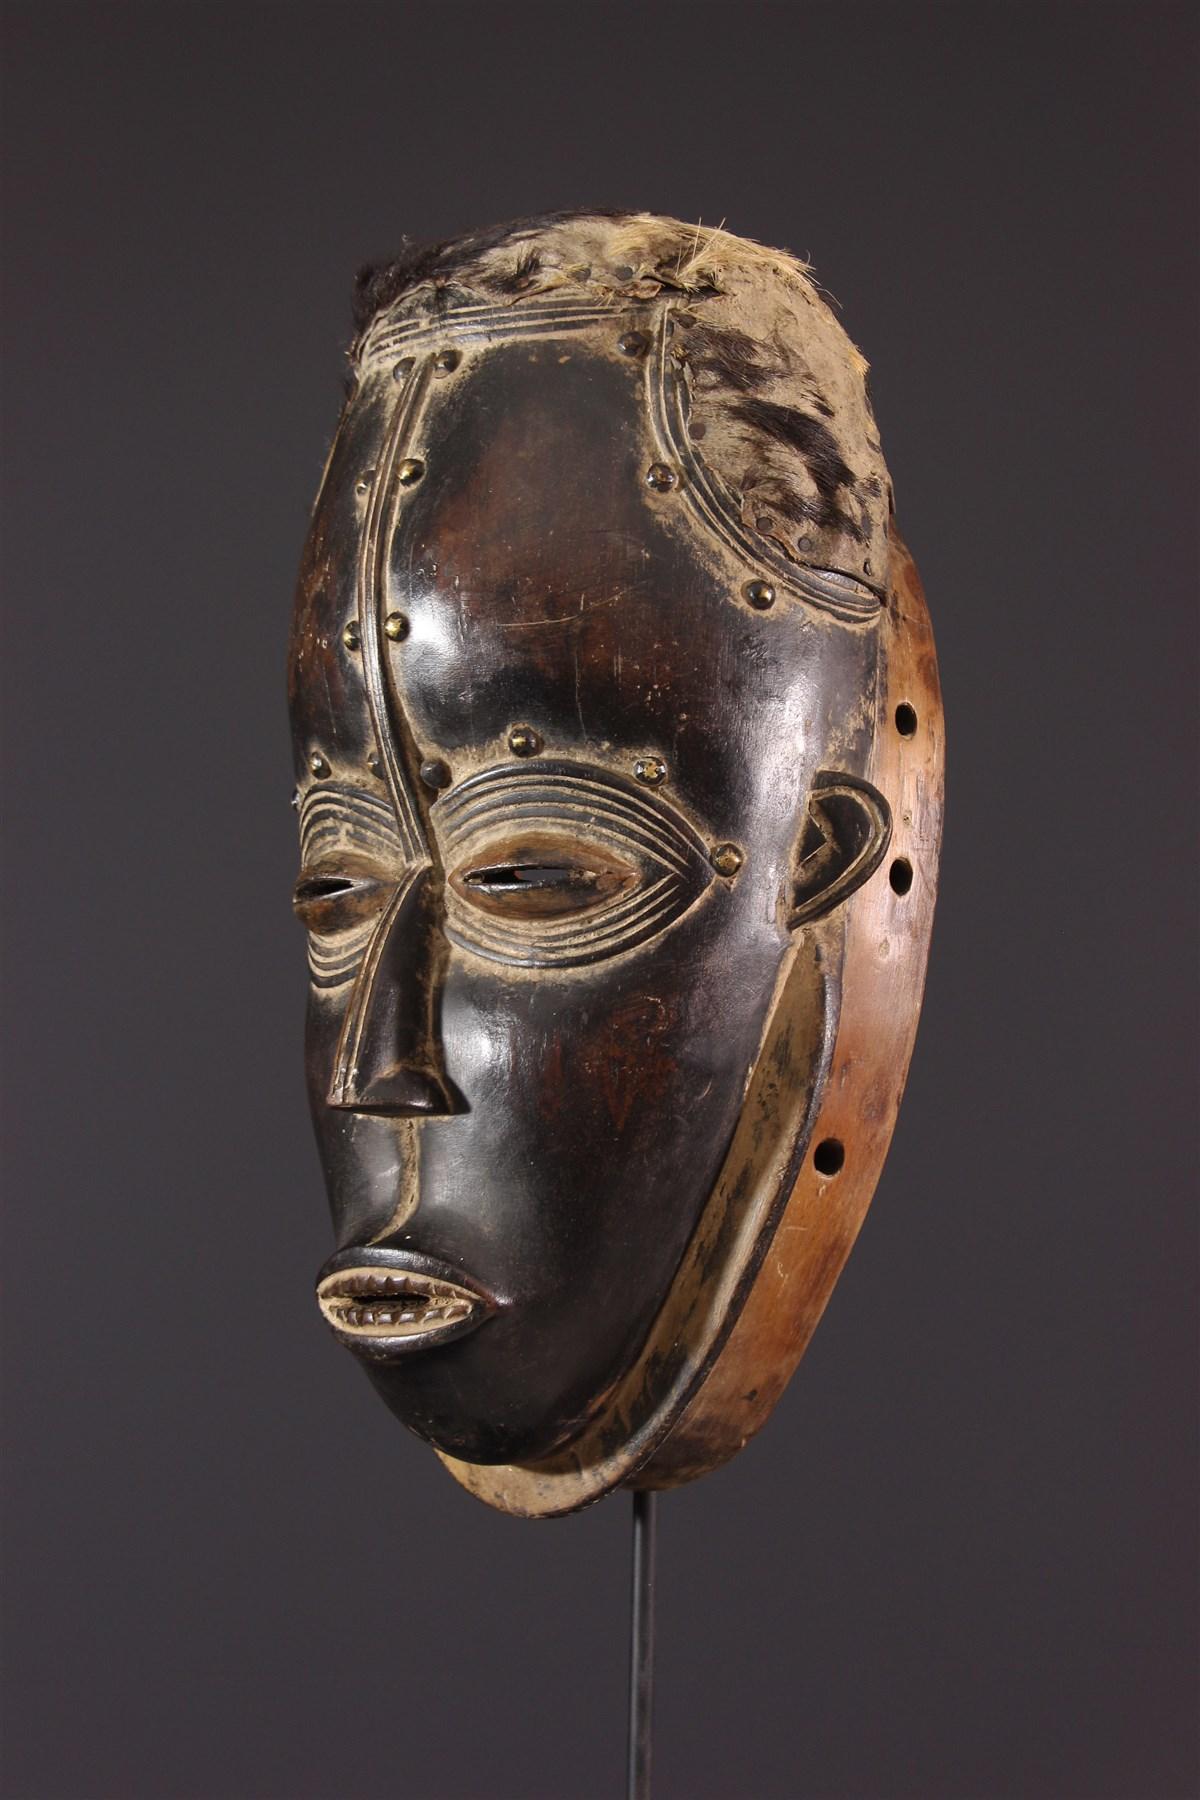 Masque africain Bété/Dida - Art africain